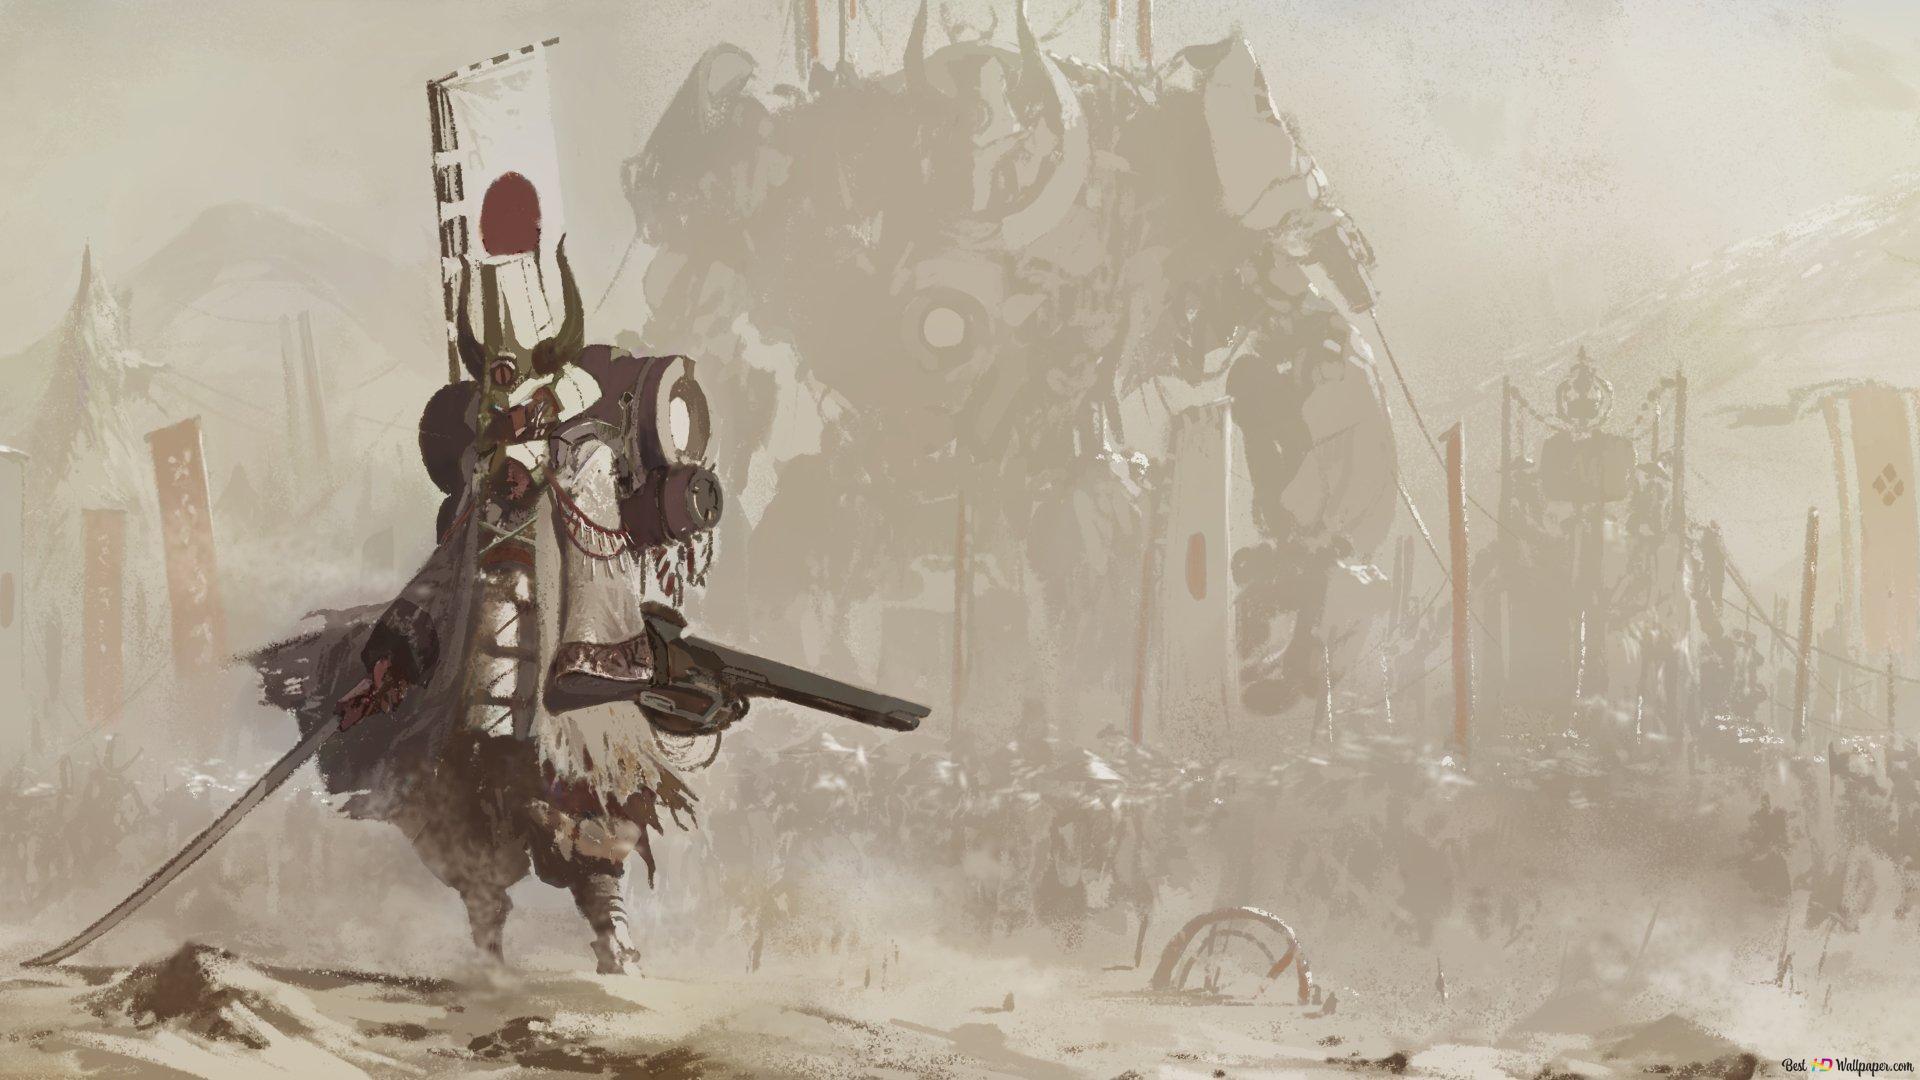 Future Samurai Hd Wallpaper Download